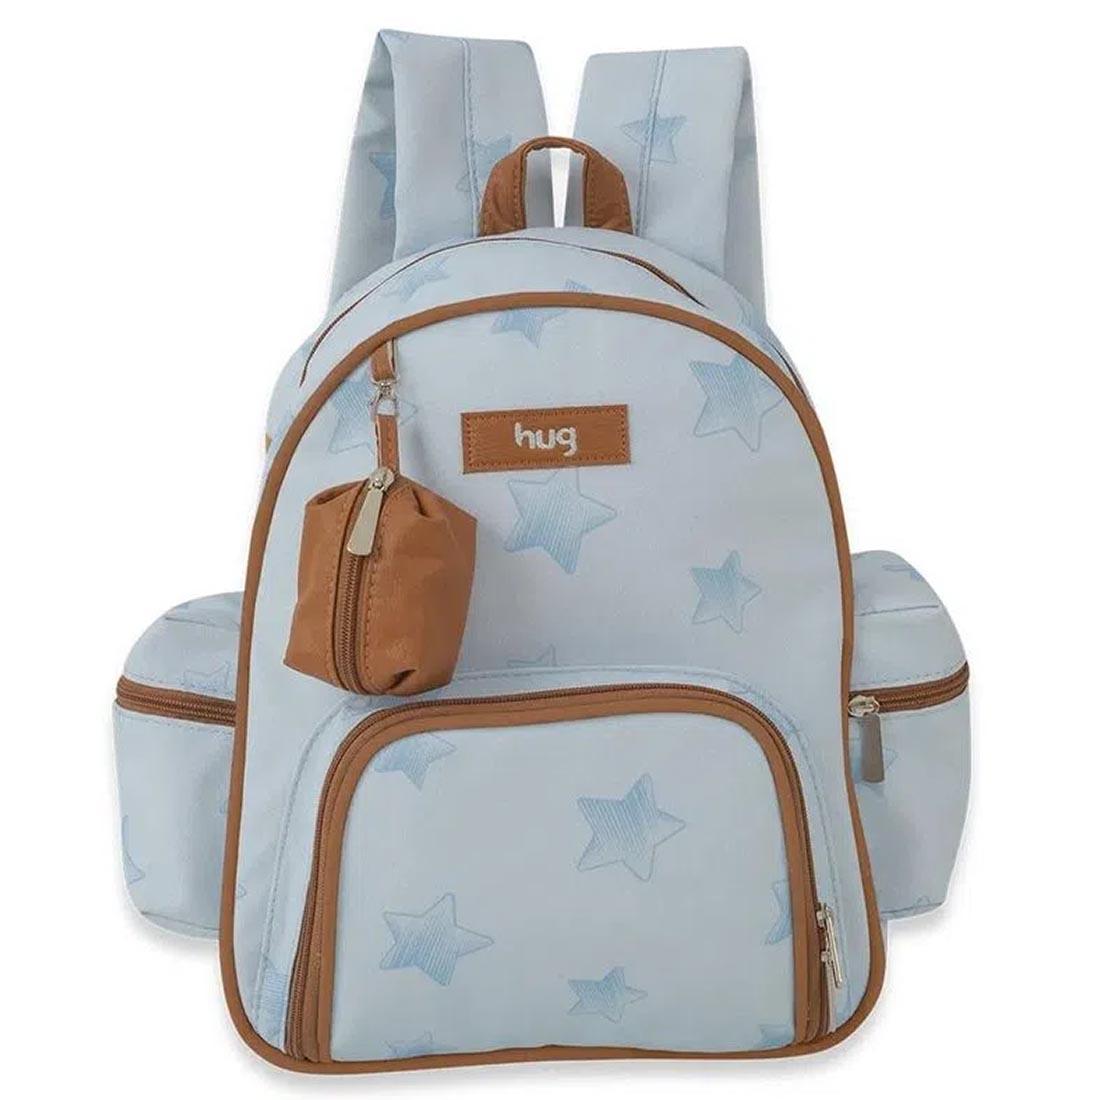 Mochila Maternidade Hug Céu Estrelado Azul